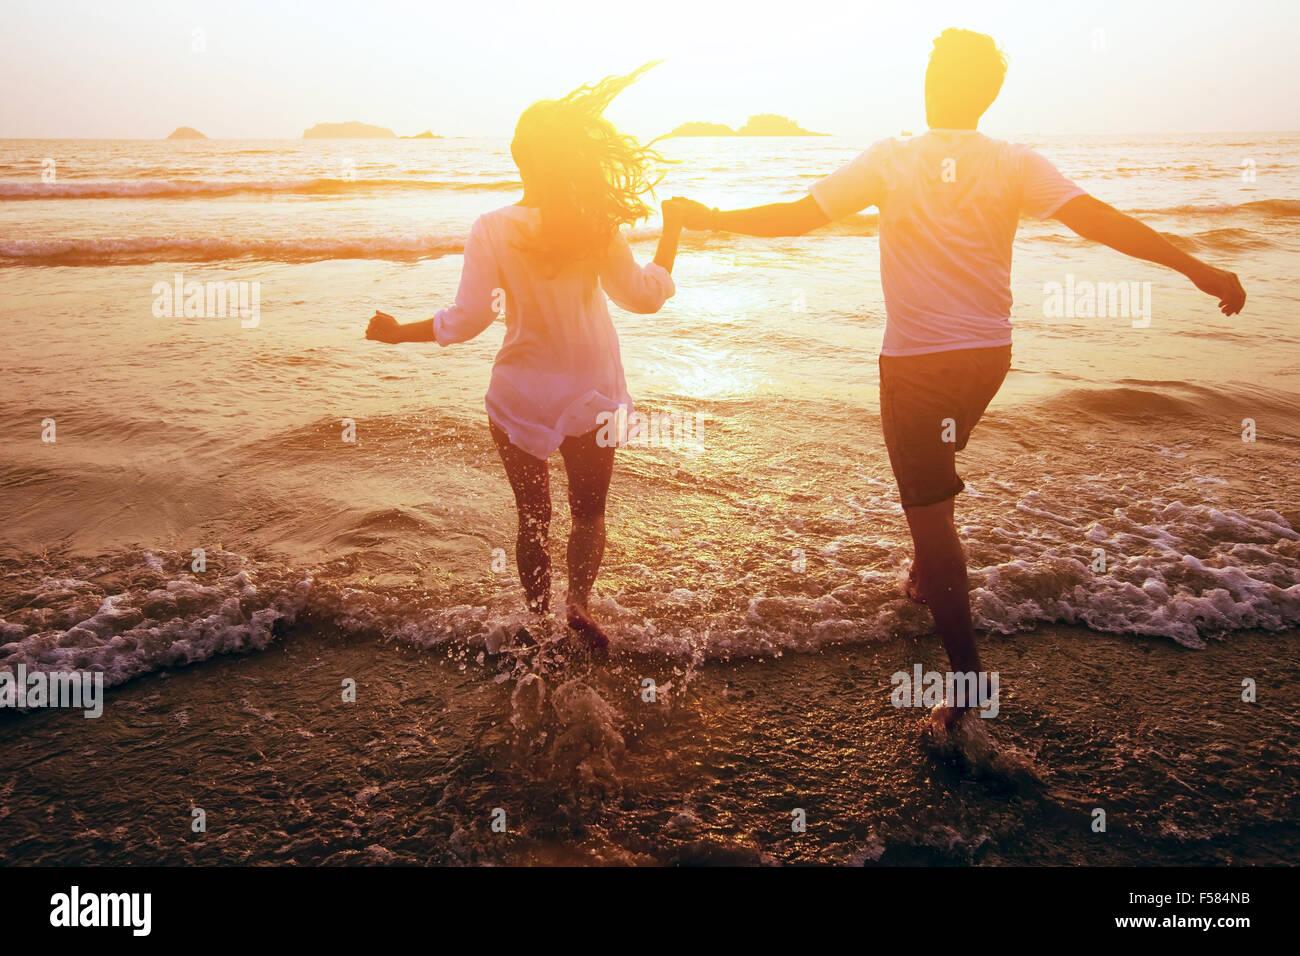 Feliz pareja en la playa, vacaciones de verano o luna de miel Imagen De Stock